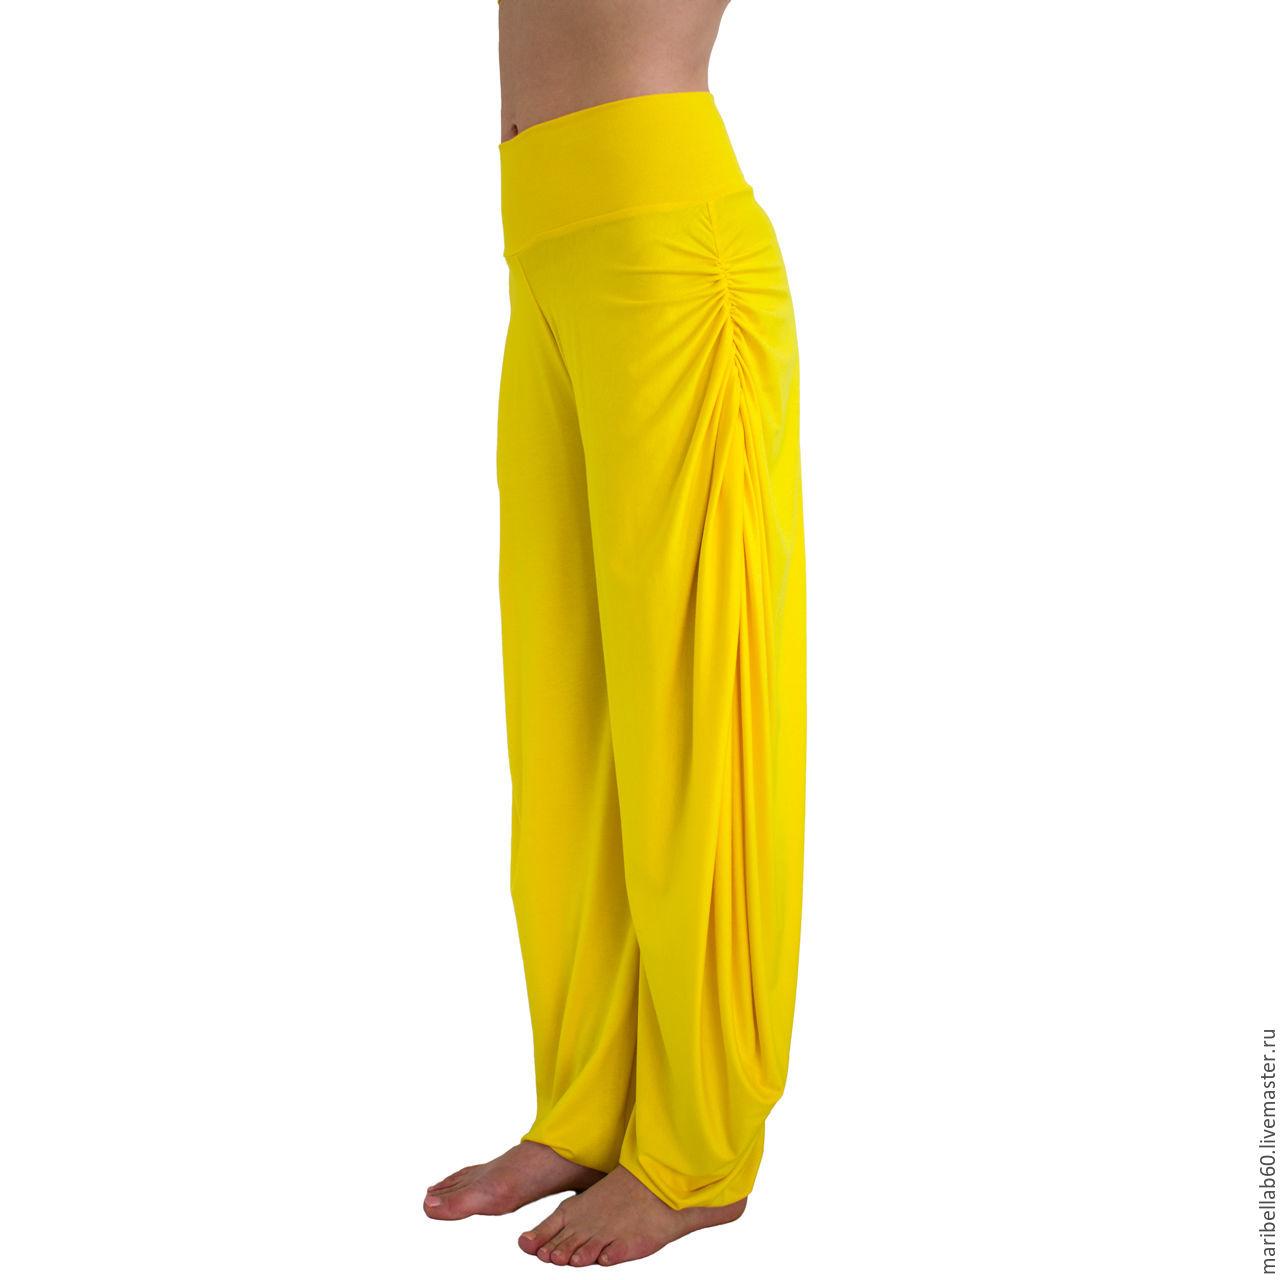 5c7ec440 Купить Брюки женские, летние · Большие размеры ручной работы. Брюки женские,  летние брюки женские, шаровары, брюки афгани ...